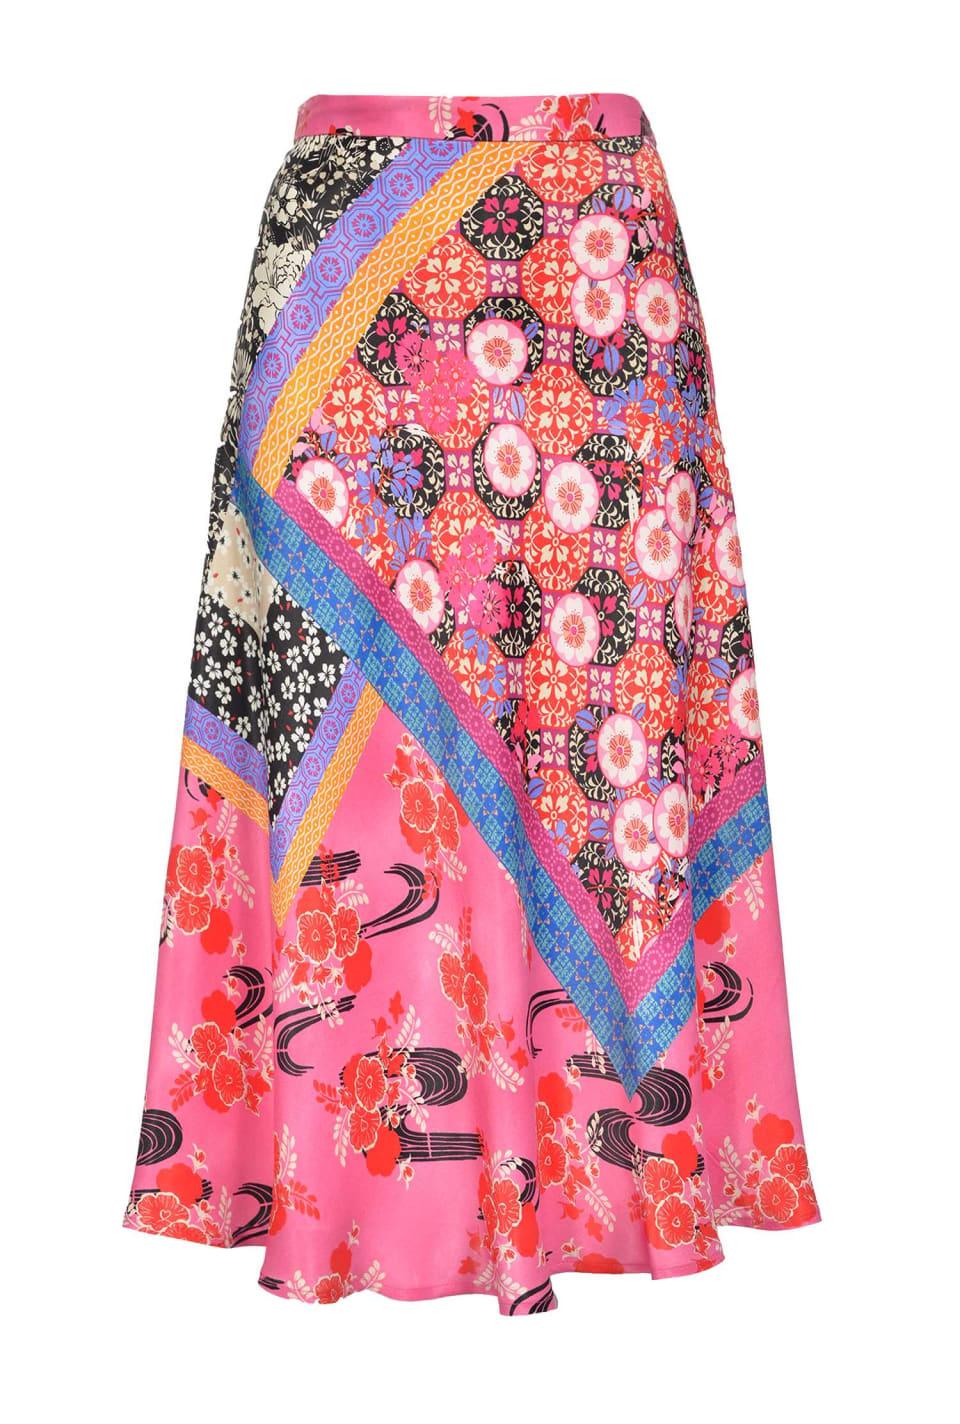 东方拼图印花半身裙